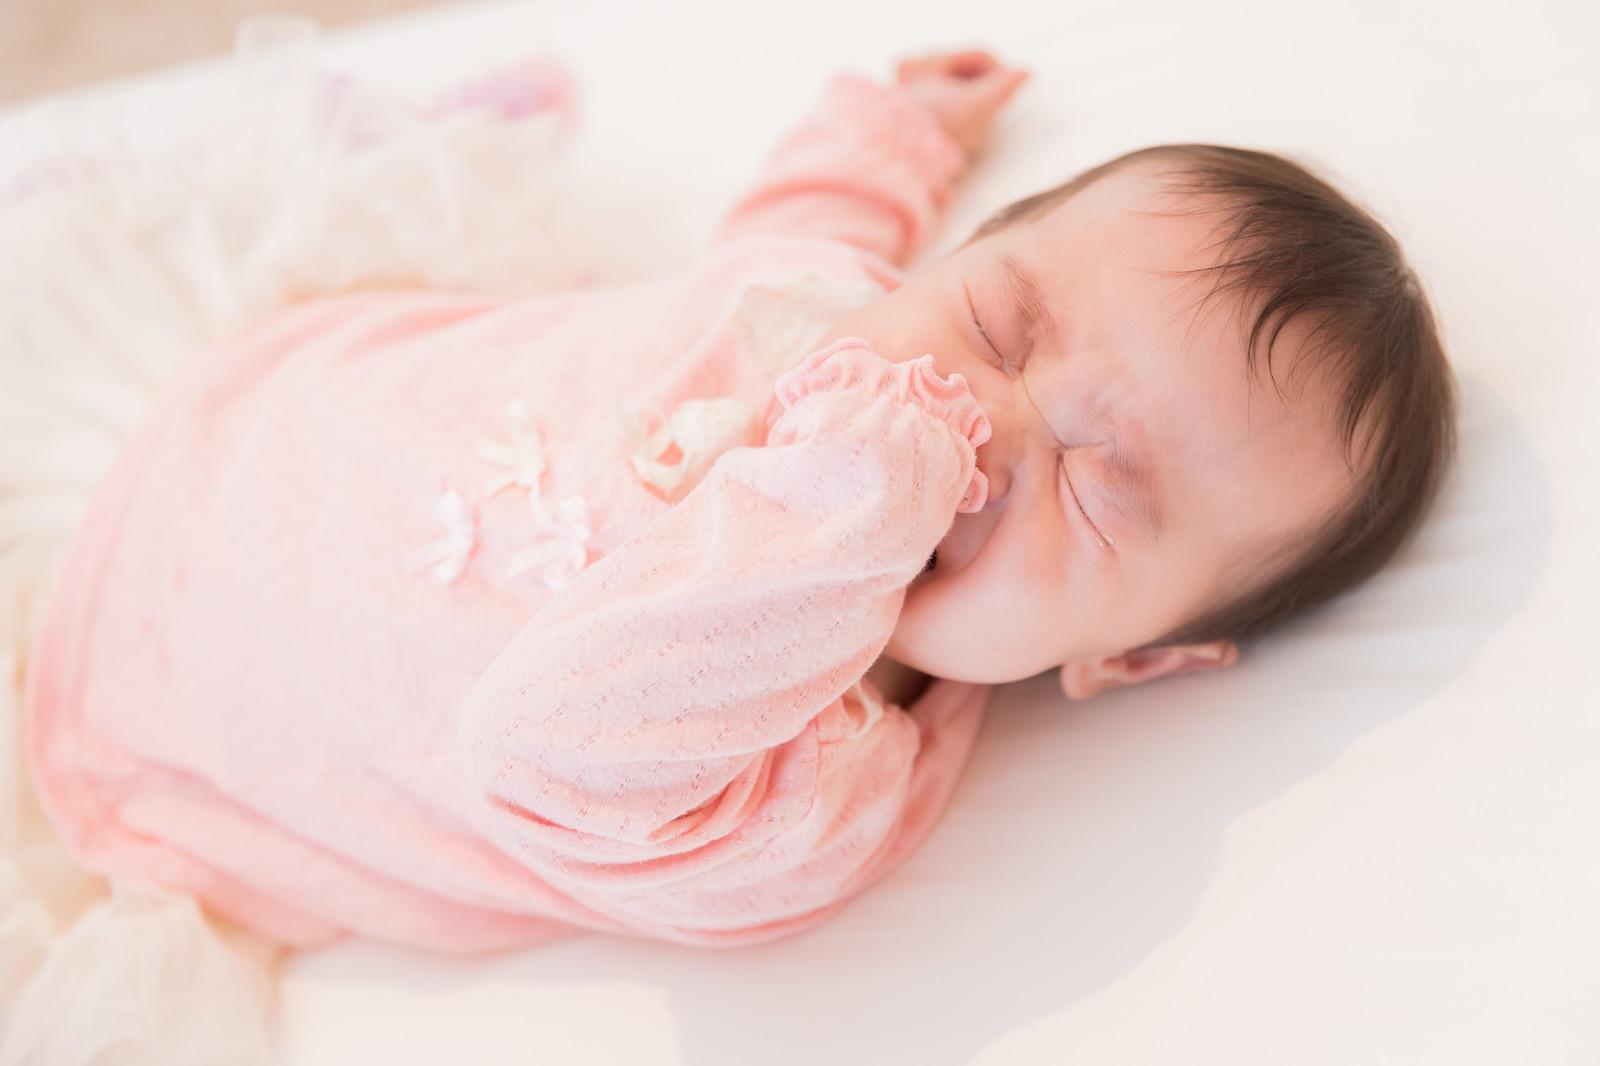 混合育児で母乳を飲まない・嫌がるときの対策は?【私が母乳拒否を克服した方法大公開】